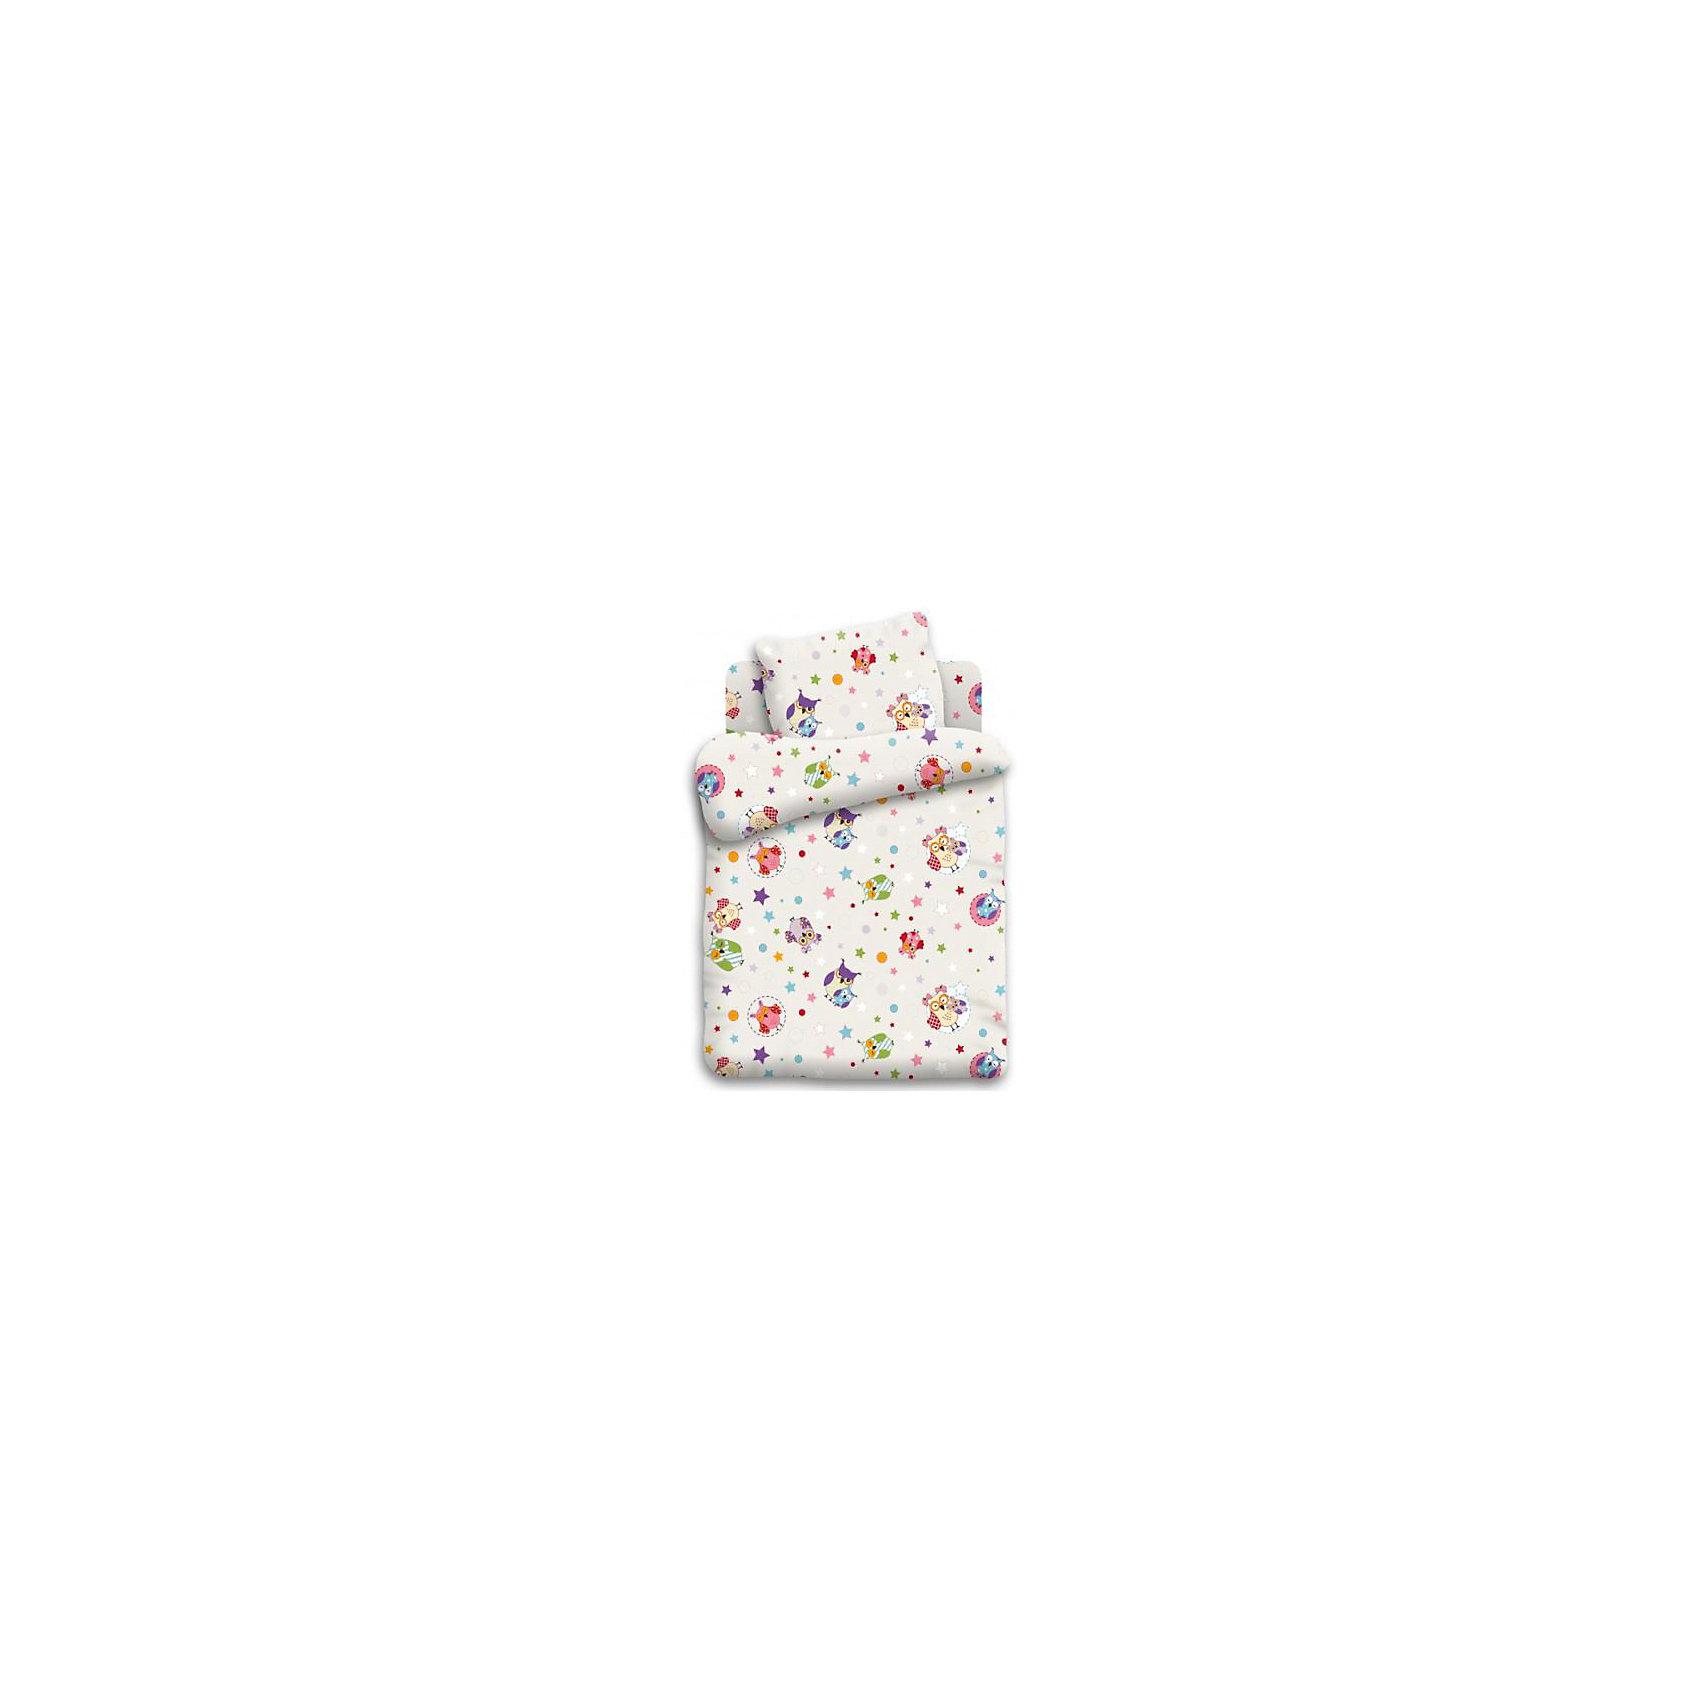 Постельное белье 1,5 Многоцветие, бязь, Кошки-мышки (нав 70*70)Домашний текстиль<br>Характеристики:<br><br>• Вид домашнего текстиля: постельное белье<br>• Тип постельного белья по размерам: 1,5 спальное<br>• Материал: хлопок, 100% <br>• Тематика рисунка: совушки<br>• Комплектация: <br> пододеяльник 215*143 см – 1 шт. <br> простынь 150*214 см– 1 шт. <br> наволочка 70*70 см – 1 шт. <br>• Тип упаковки: картонная коробка <br>• Вес в упаковке: 1 кг 200 г<br>• Размеры упаковки (Д*Ш*В): 50*25*50 см<br>• Особенности ухода: допускается интенсивная машинная стирка без использования красящих и отбеливающих веществ<br><br>Постельное белье 1,5 Многоцветие, бязь, Кошки-мышки (нав 70*70) выполнено в ярком дизайне с изображением разноцветных совушек. Комплект упакован в брендовую картонную коробку, поэтому его можно преподнести в качестве подарка на любой праздник или торжество.<br><br>Постельное белье 1,5 Многоцветие, бязь, Кошки-мышки (нав 70*70) можно купить в нашем интернет-магазине.<br><br>Ширина мм: 500<br>Глубина мм: 250<br>Высота мм: 500<br>Вес г: 1200<br>Возраст от месяцев: 36<br>Возраст до месяцев: 144<br>Пол: Унисекс<br>Возраст: Детский<br>SKU: 5623422